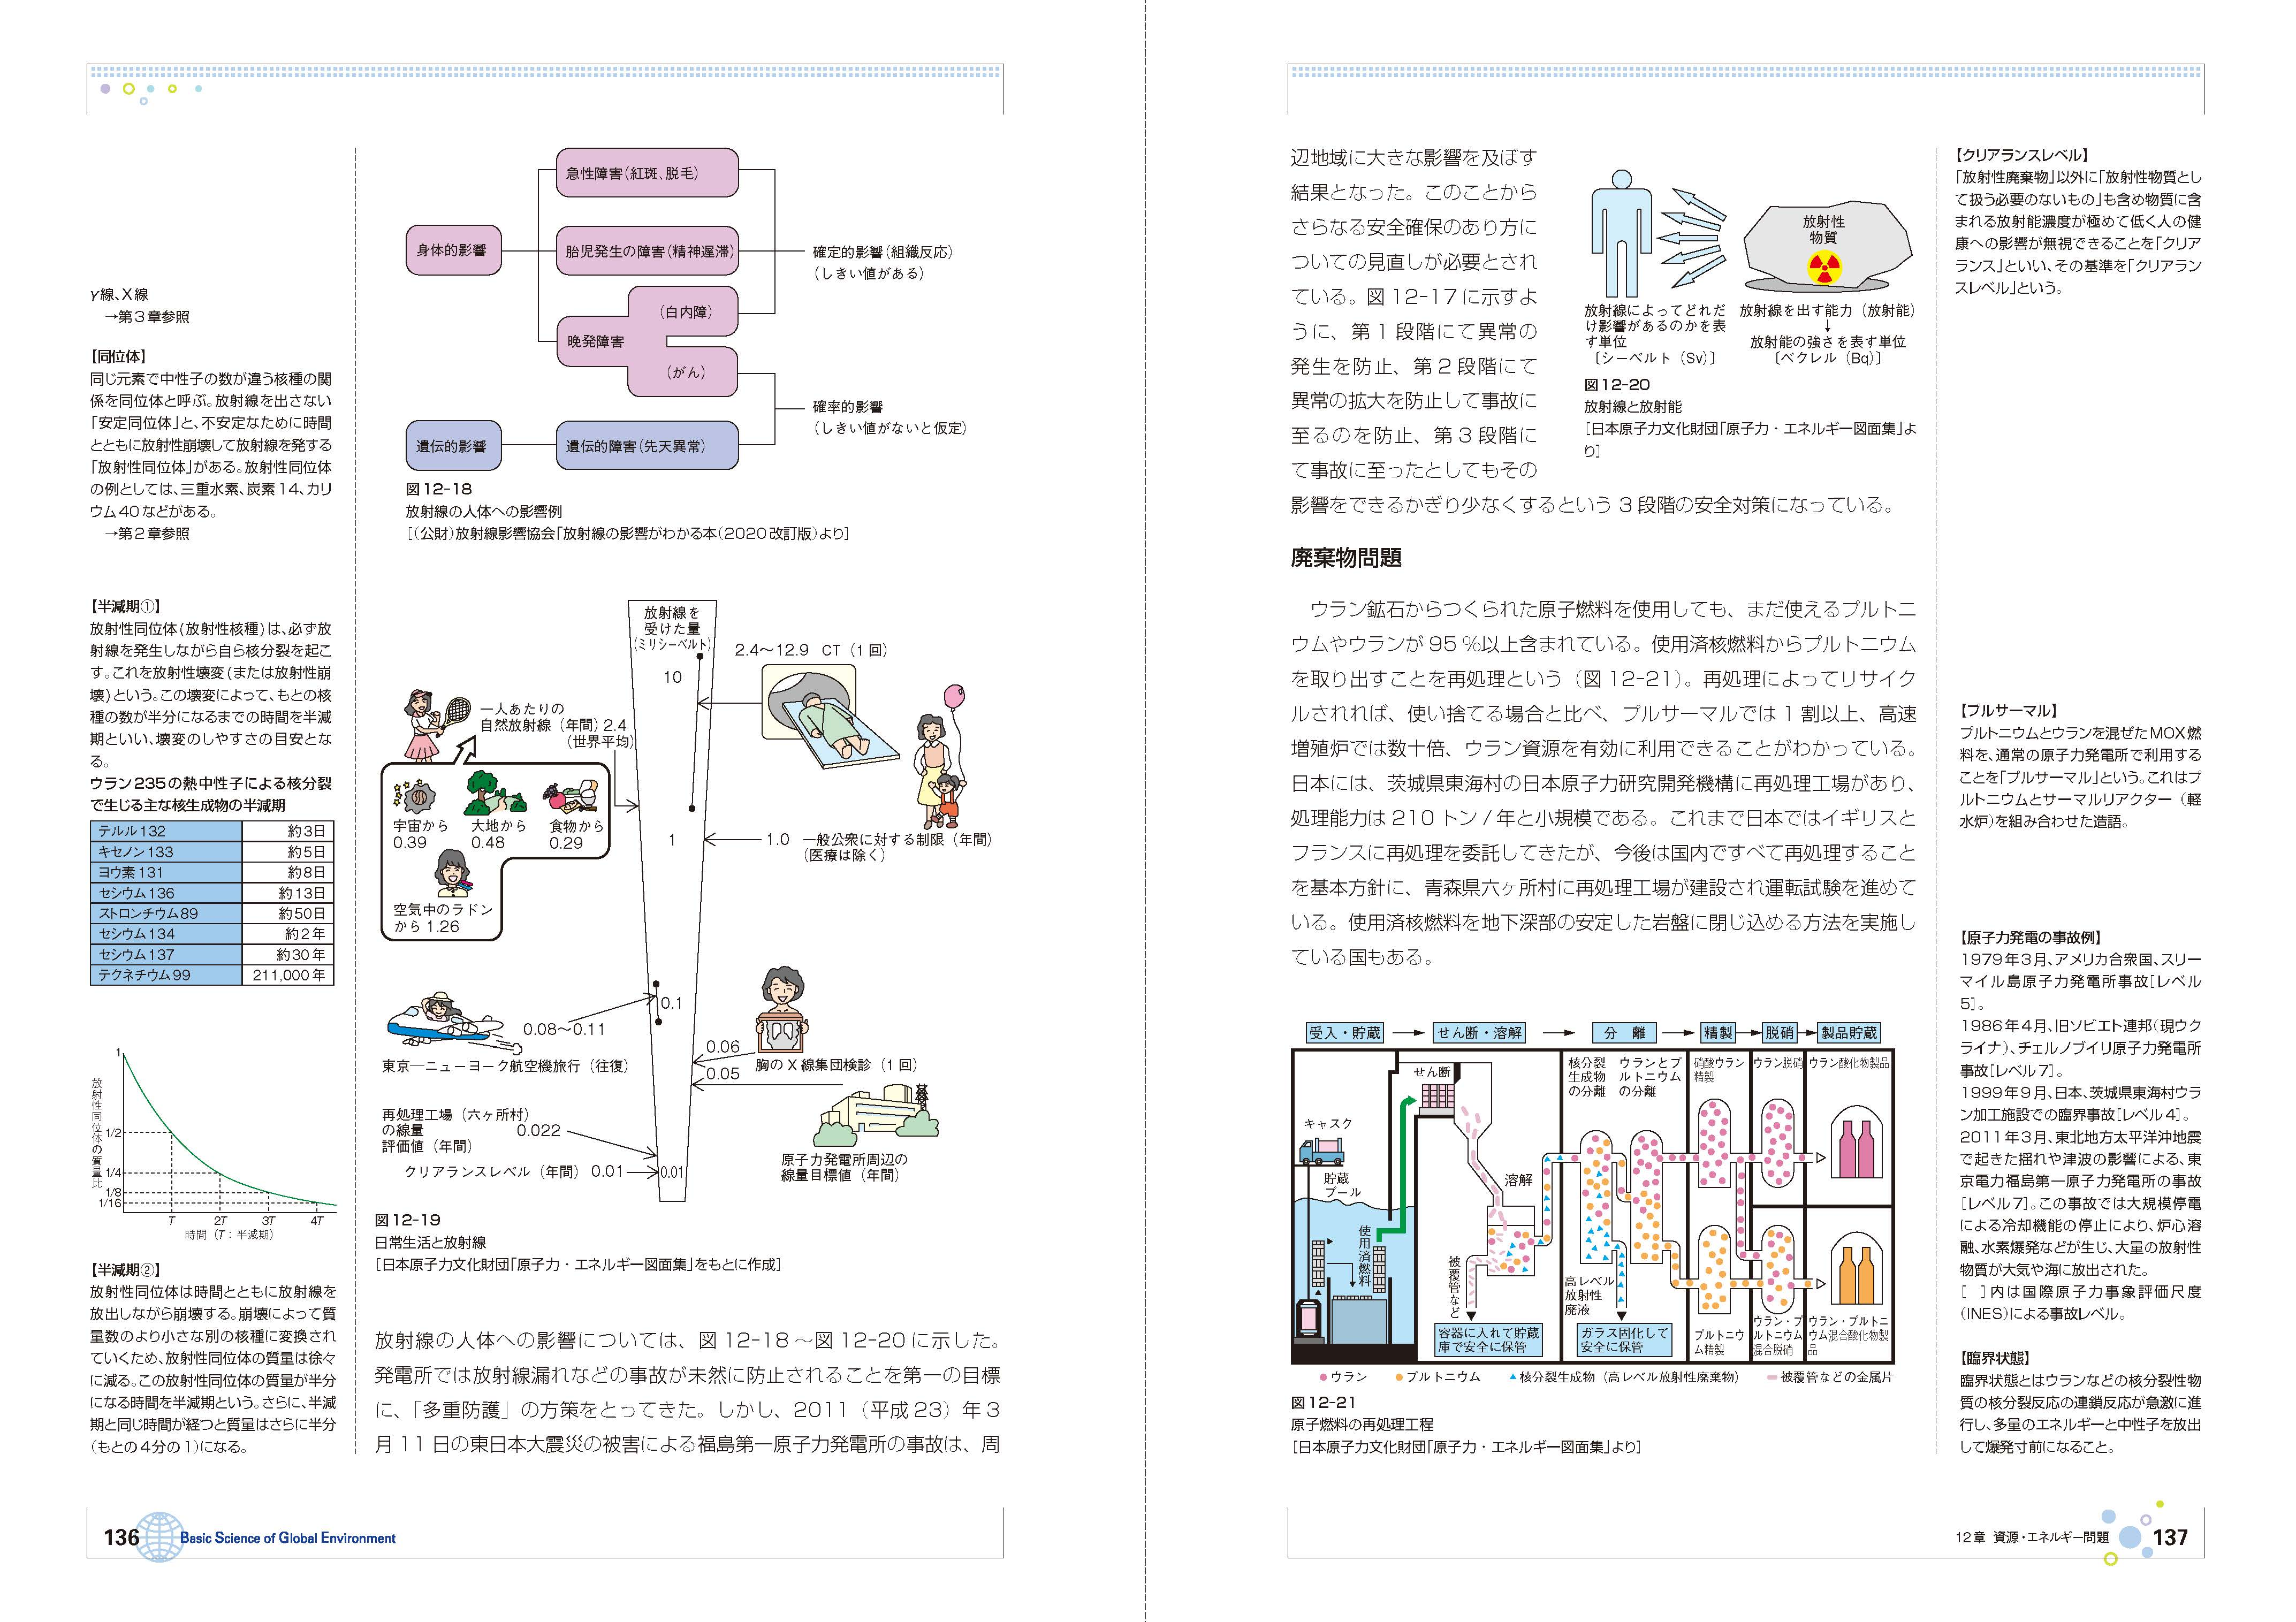 地球環境学入門第3版_136-137ページ